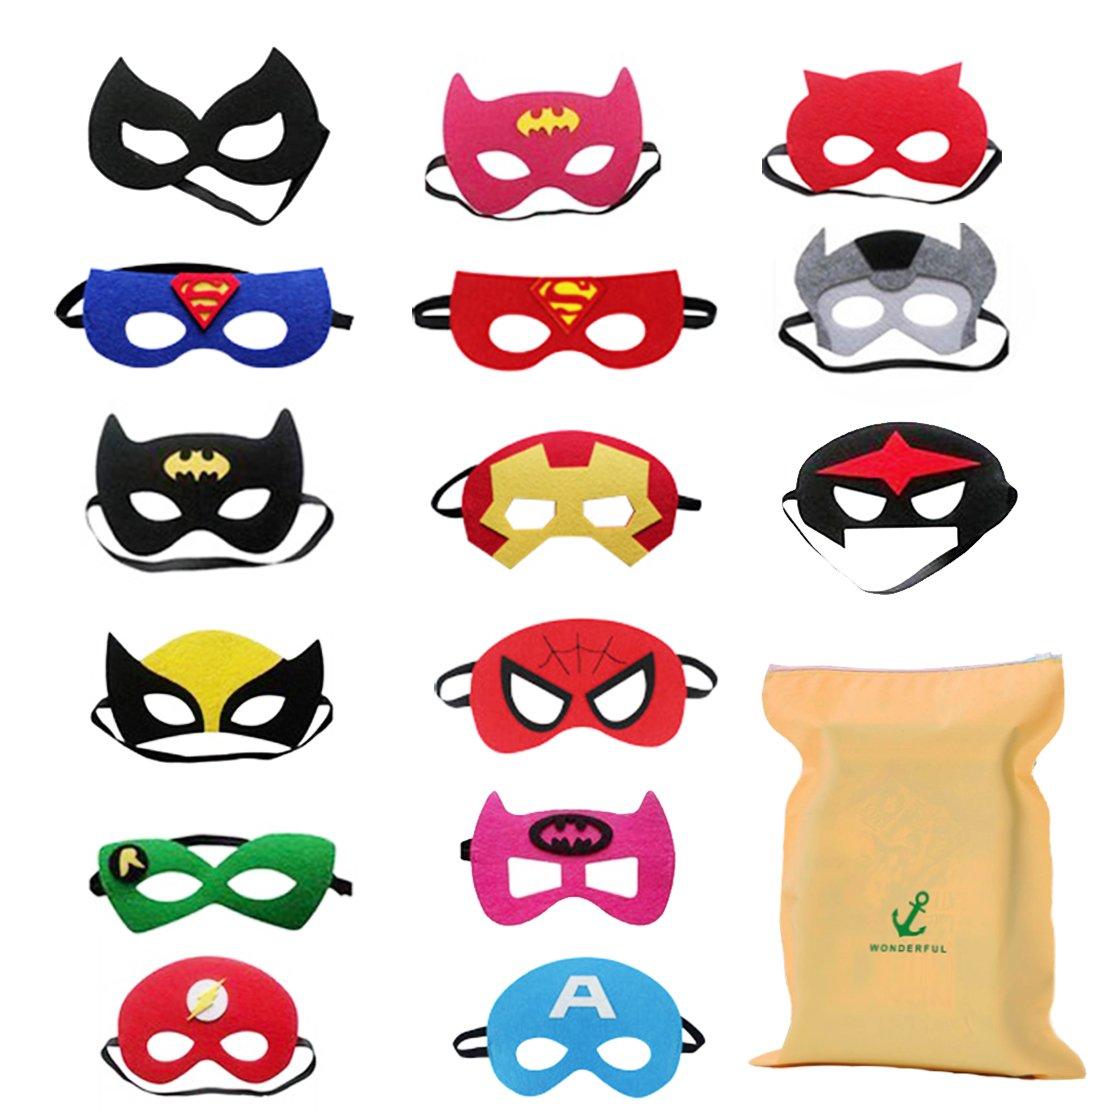 15 Pezzi Maschere Supereroi Bambini Adulti Mascherata Per Feste Mascherine Supereroi Supereroe Maschera Per Feste Per Bambini Supereroe Cosplay Maschere Per Gli Occhi Per Bambini Borse Per Feste Preferito Forwin Seller